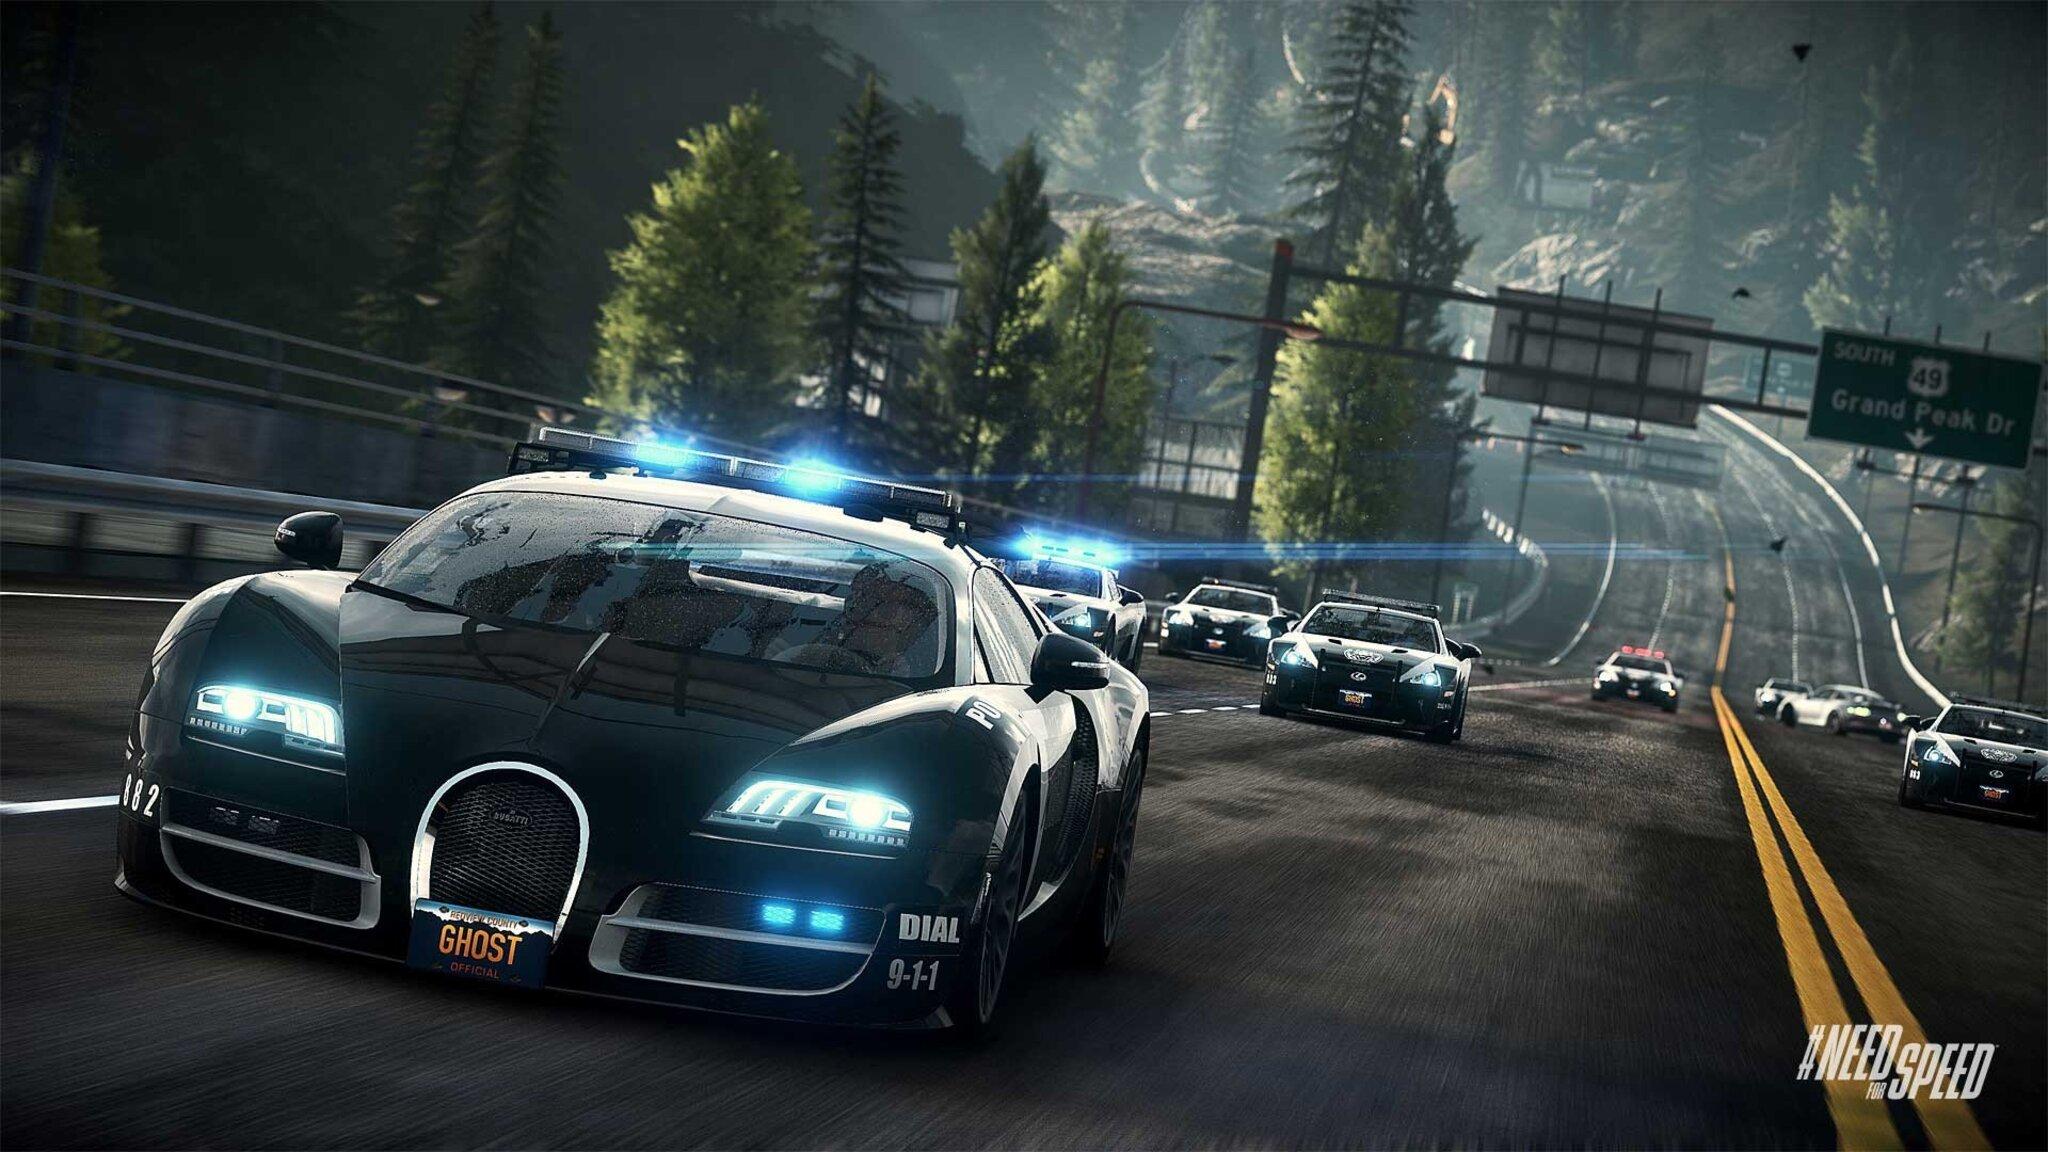 2048x1152 Bugatti Cop Car 2048x1152 Resolution Hd 4k Wallpapers